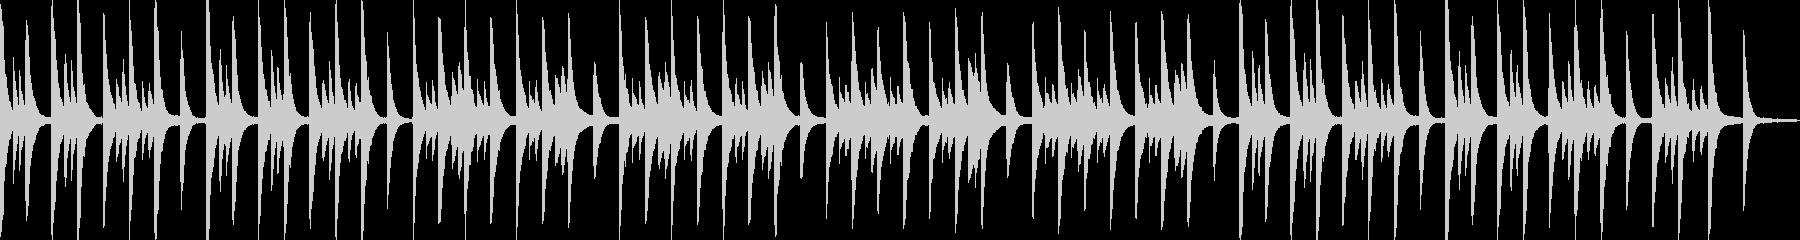 寂しげなピアノアンビエントの未再生の波形